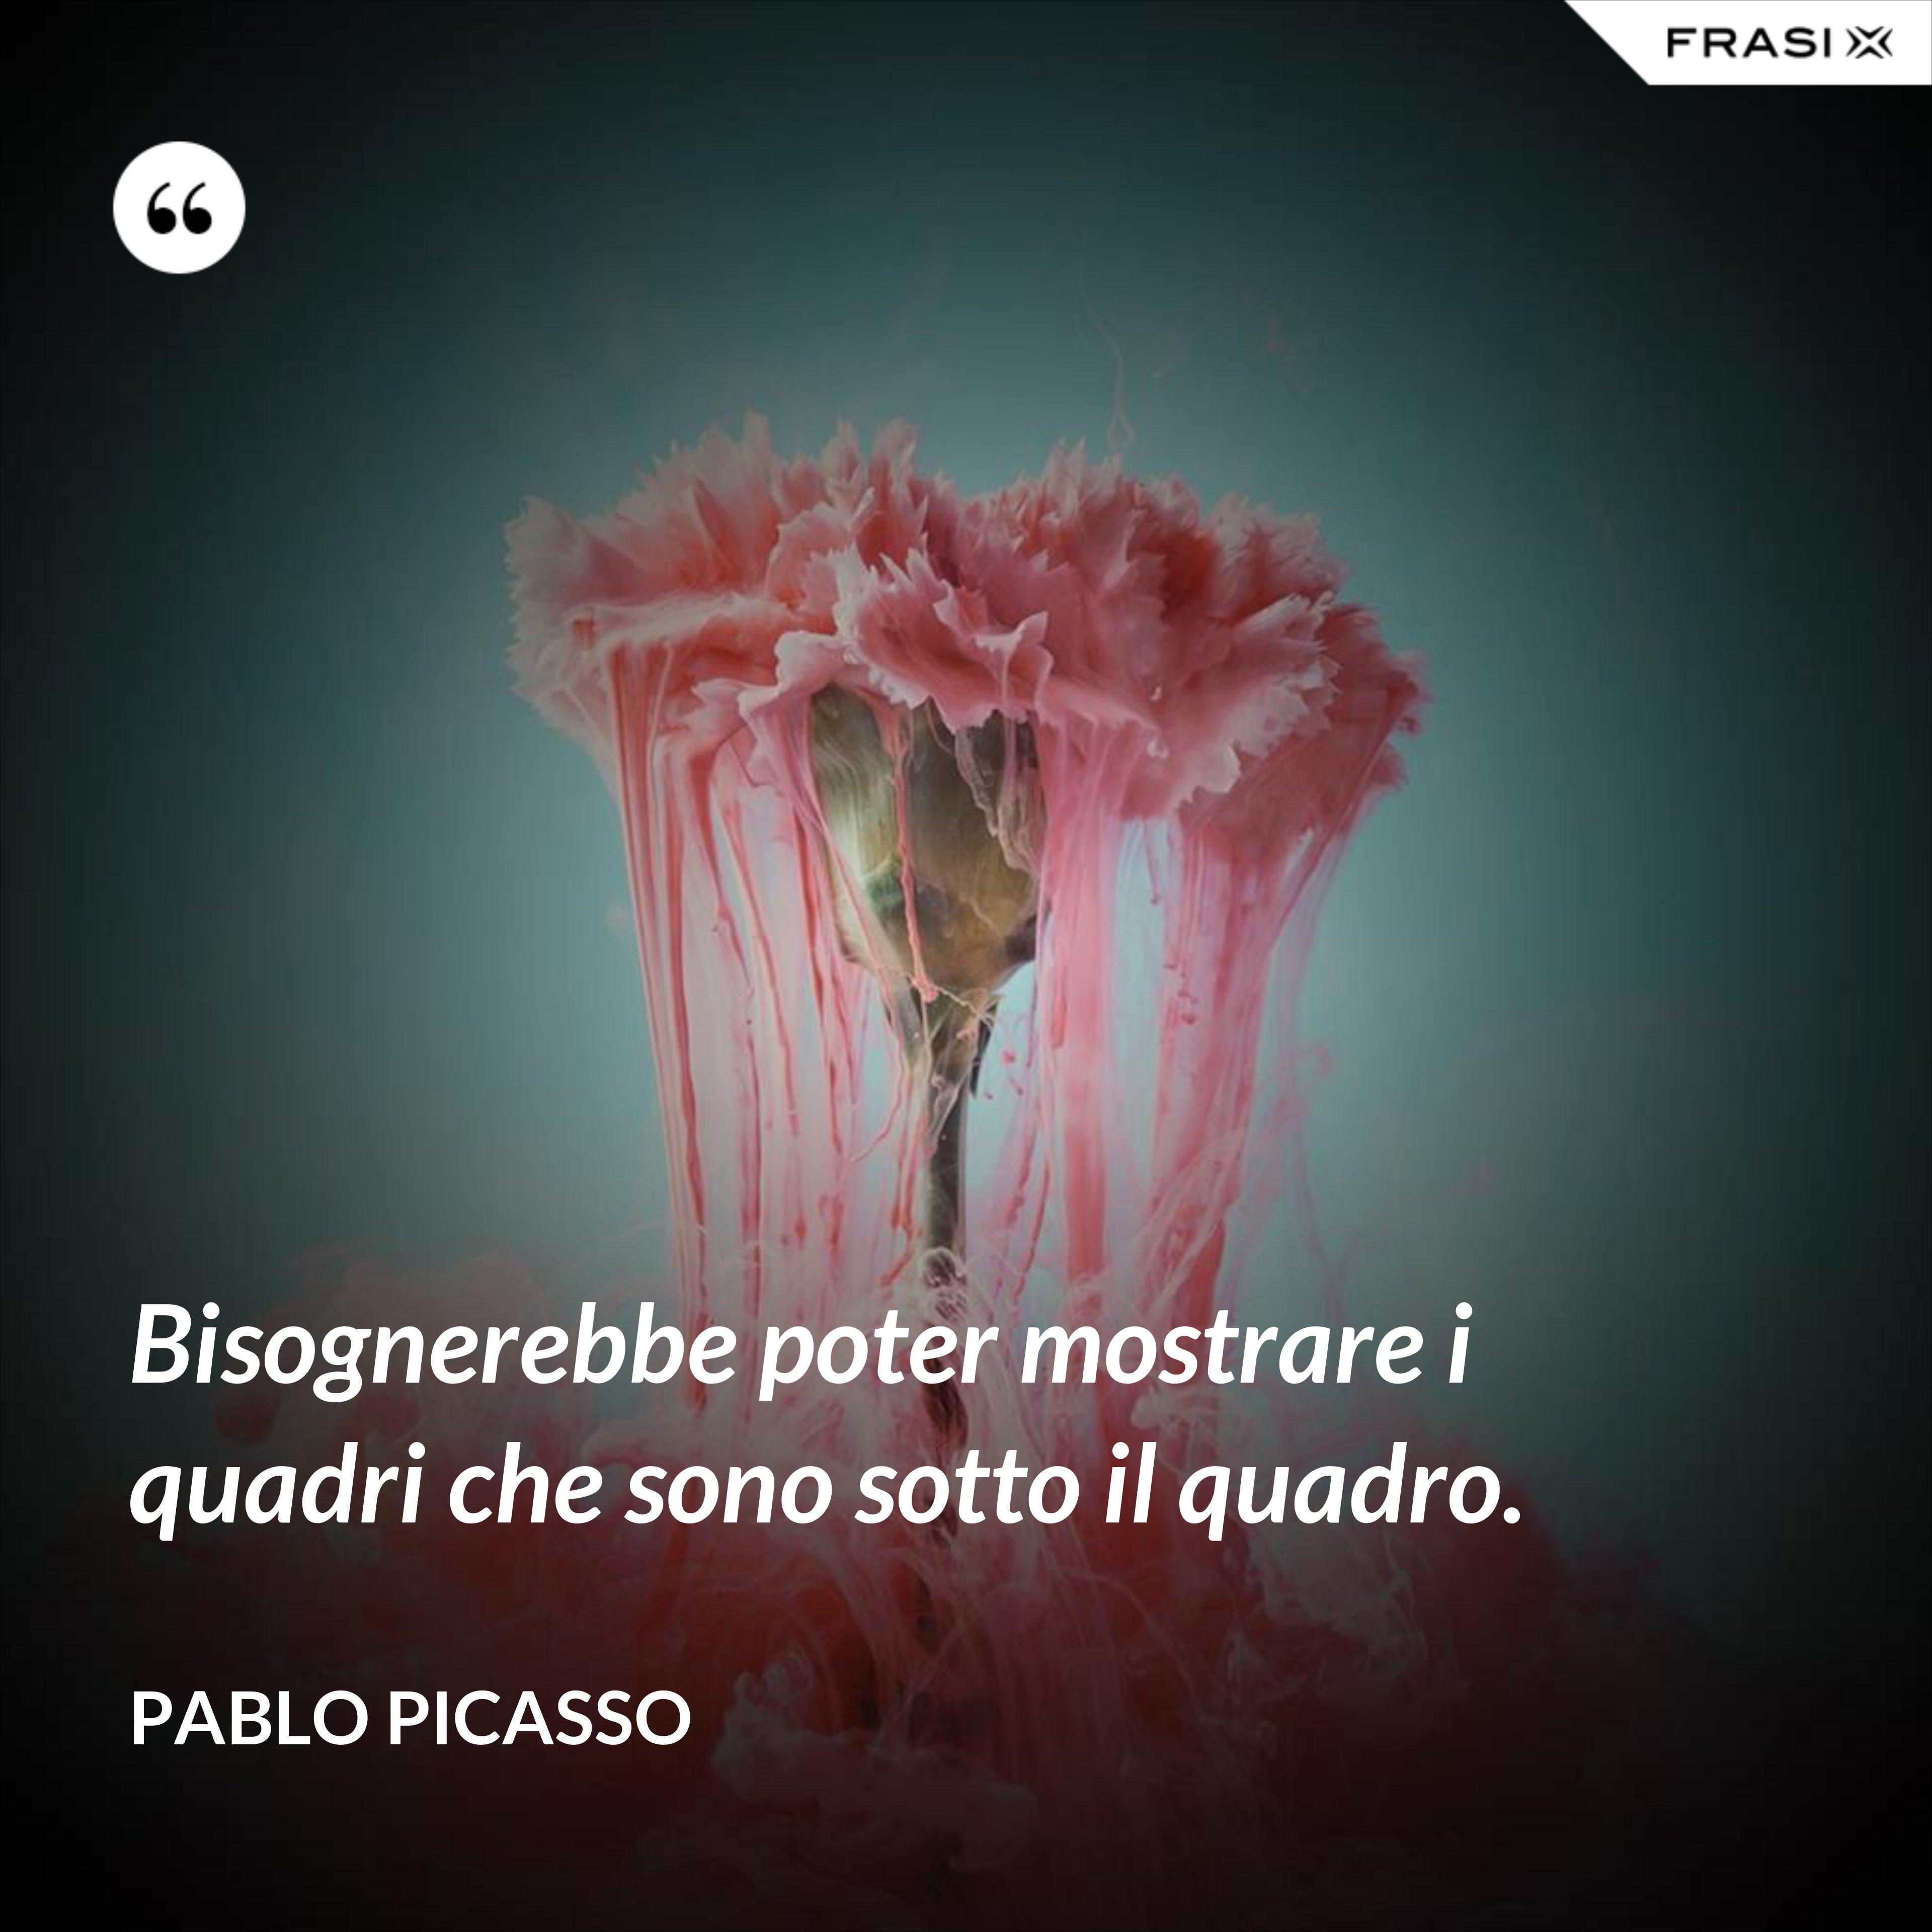 Bisognerebbe poter mostrare i quadri che sono sotto il quadro. - Pablo Picasso